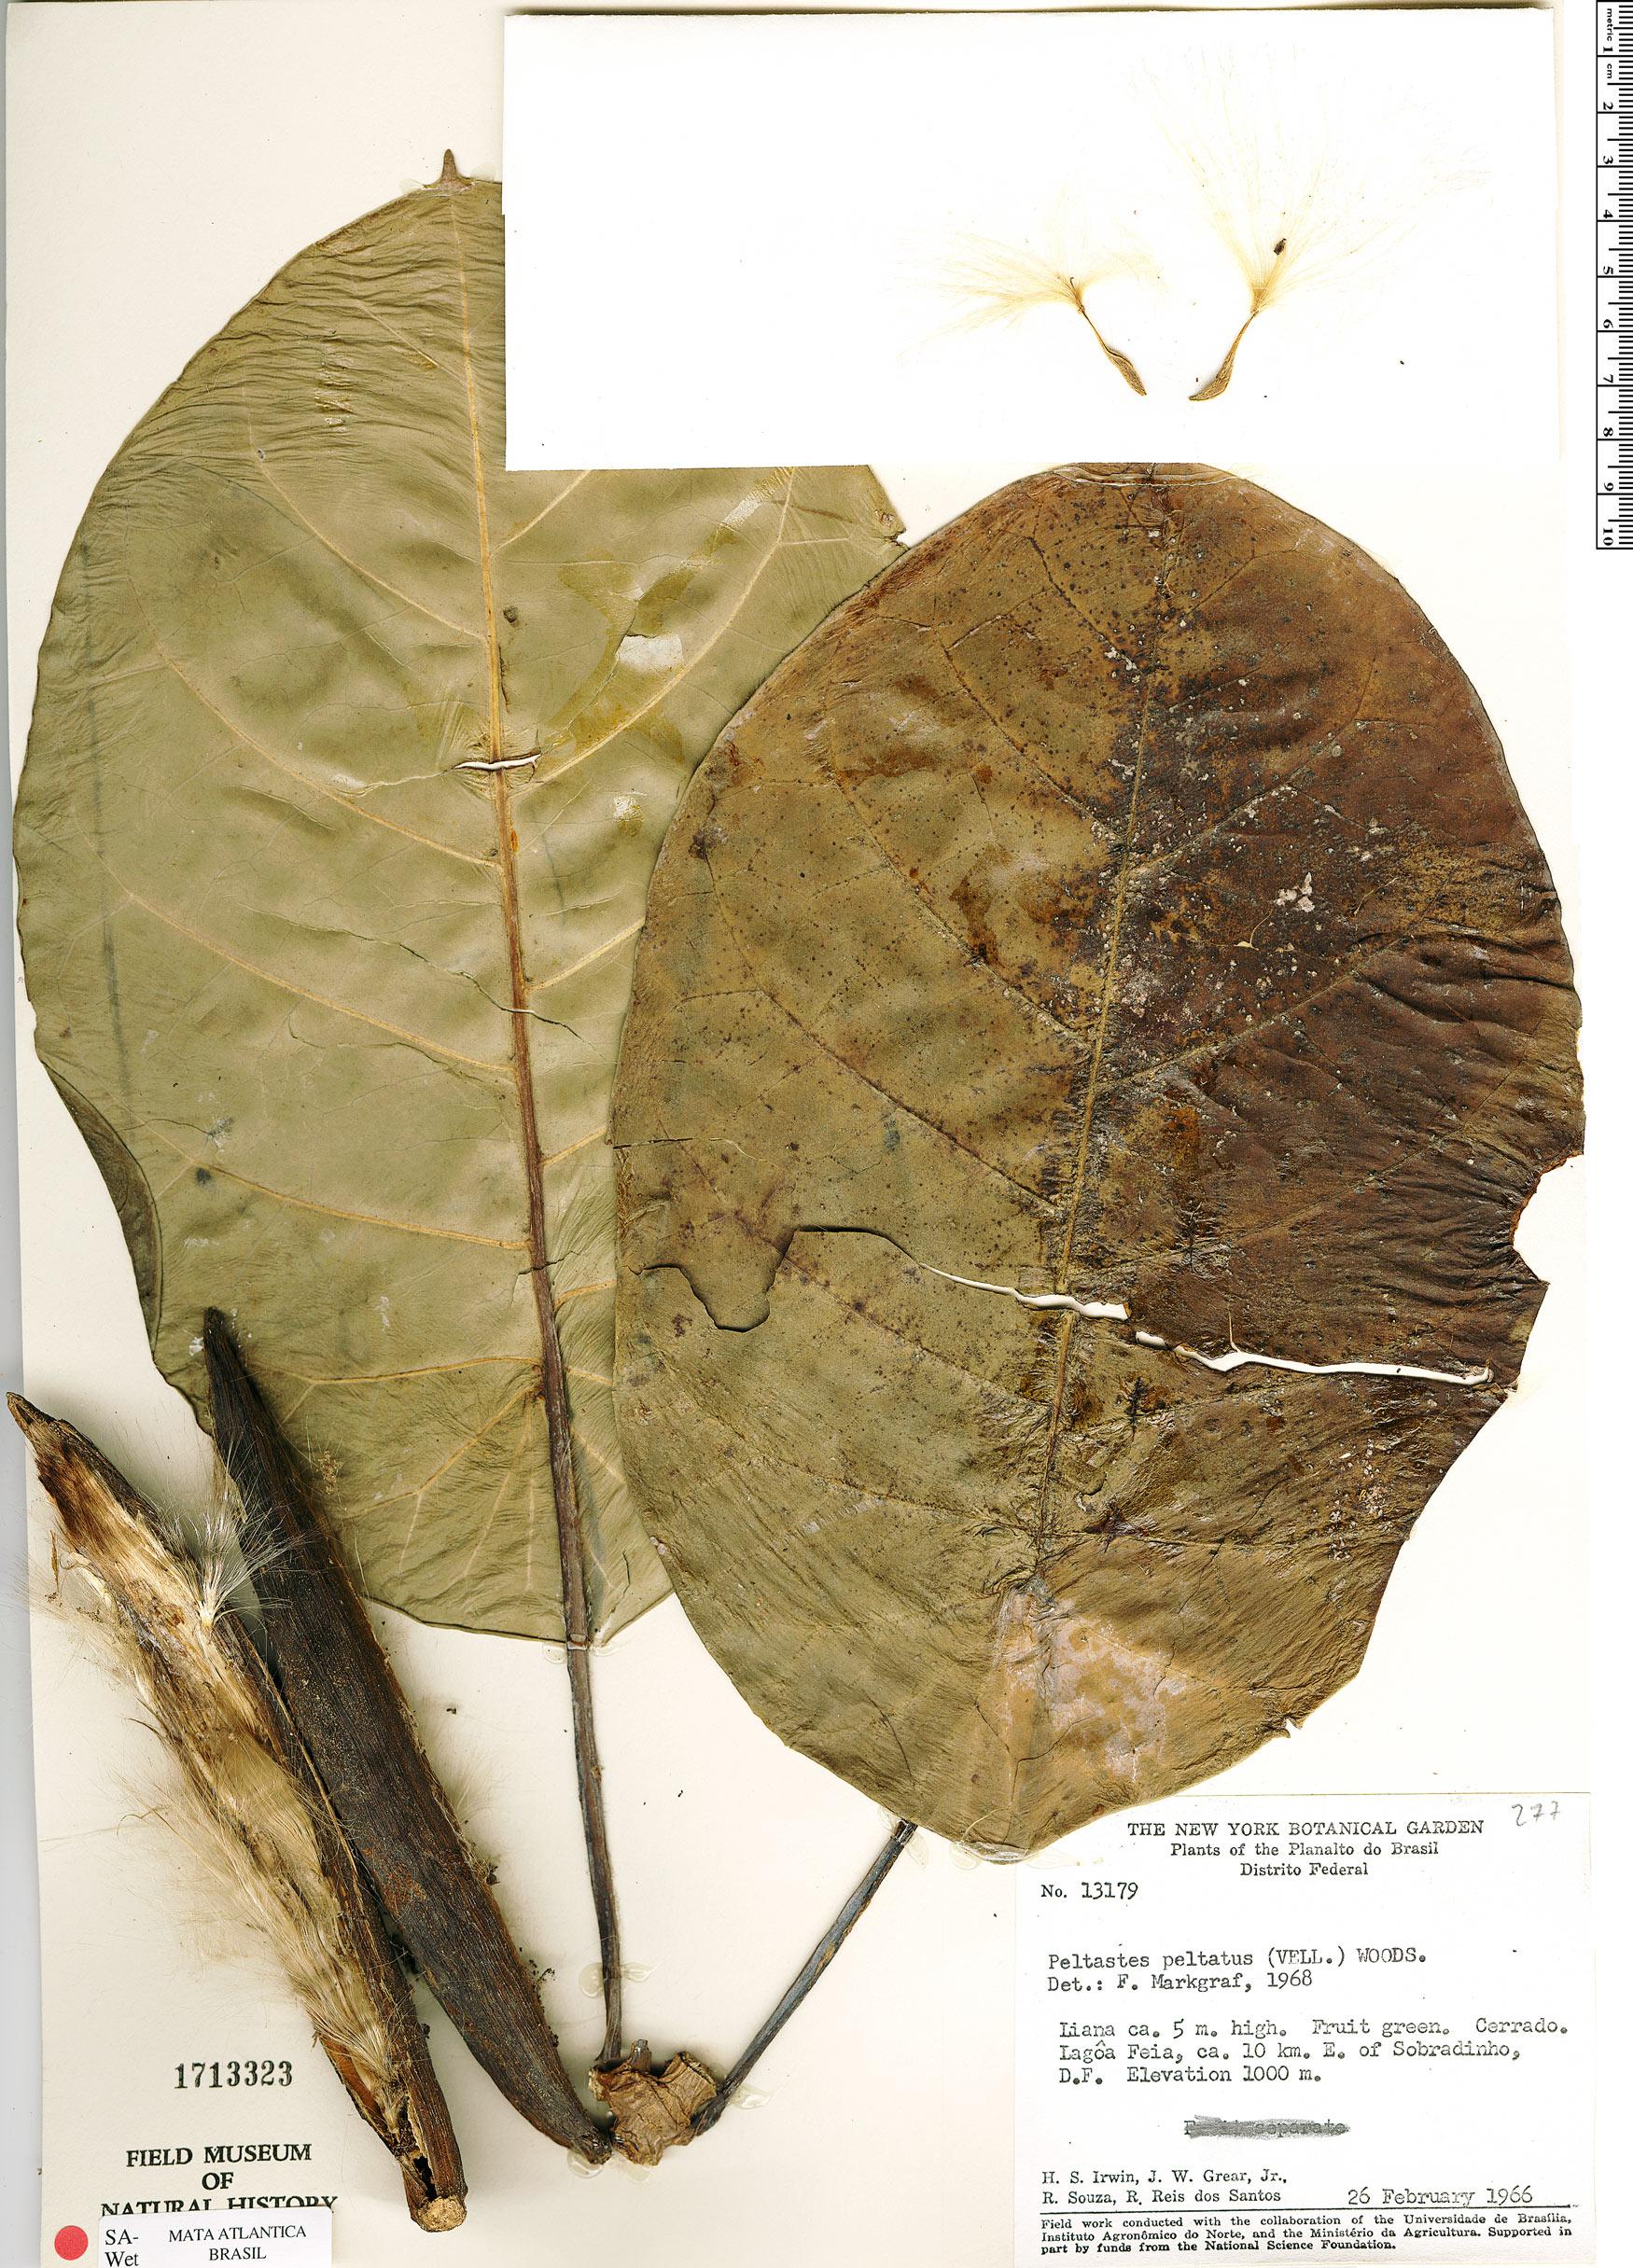 Specimen: Peltastes peltatus